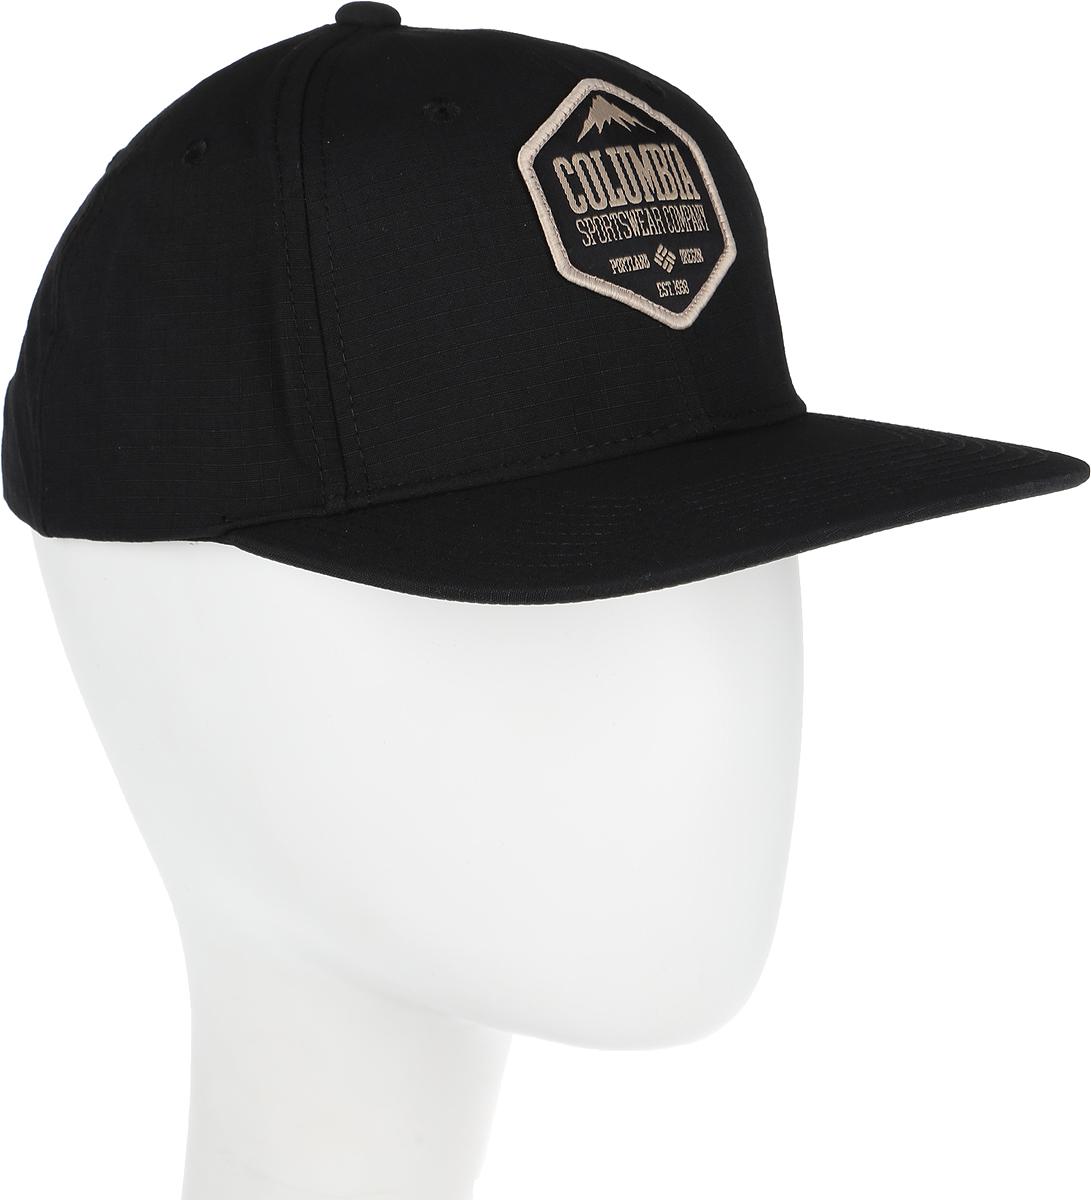 Купить Бейсболка Columbia Cascades Explorer, цвет: черный. 1714831-010. Размер универсальный